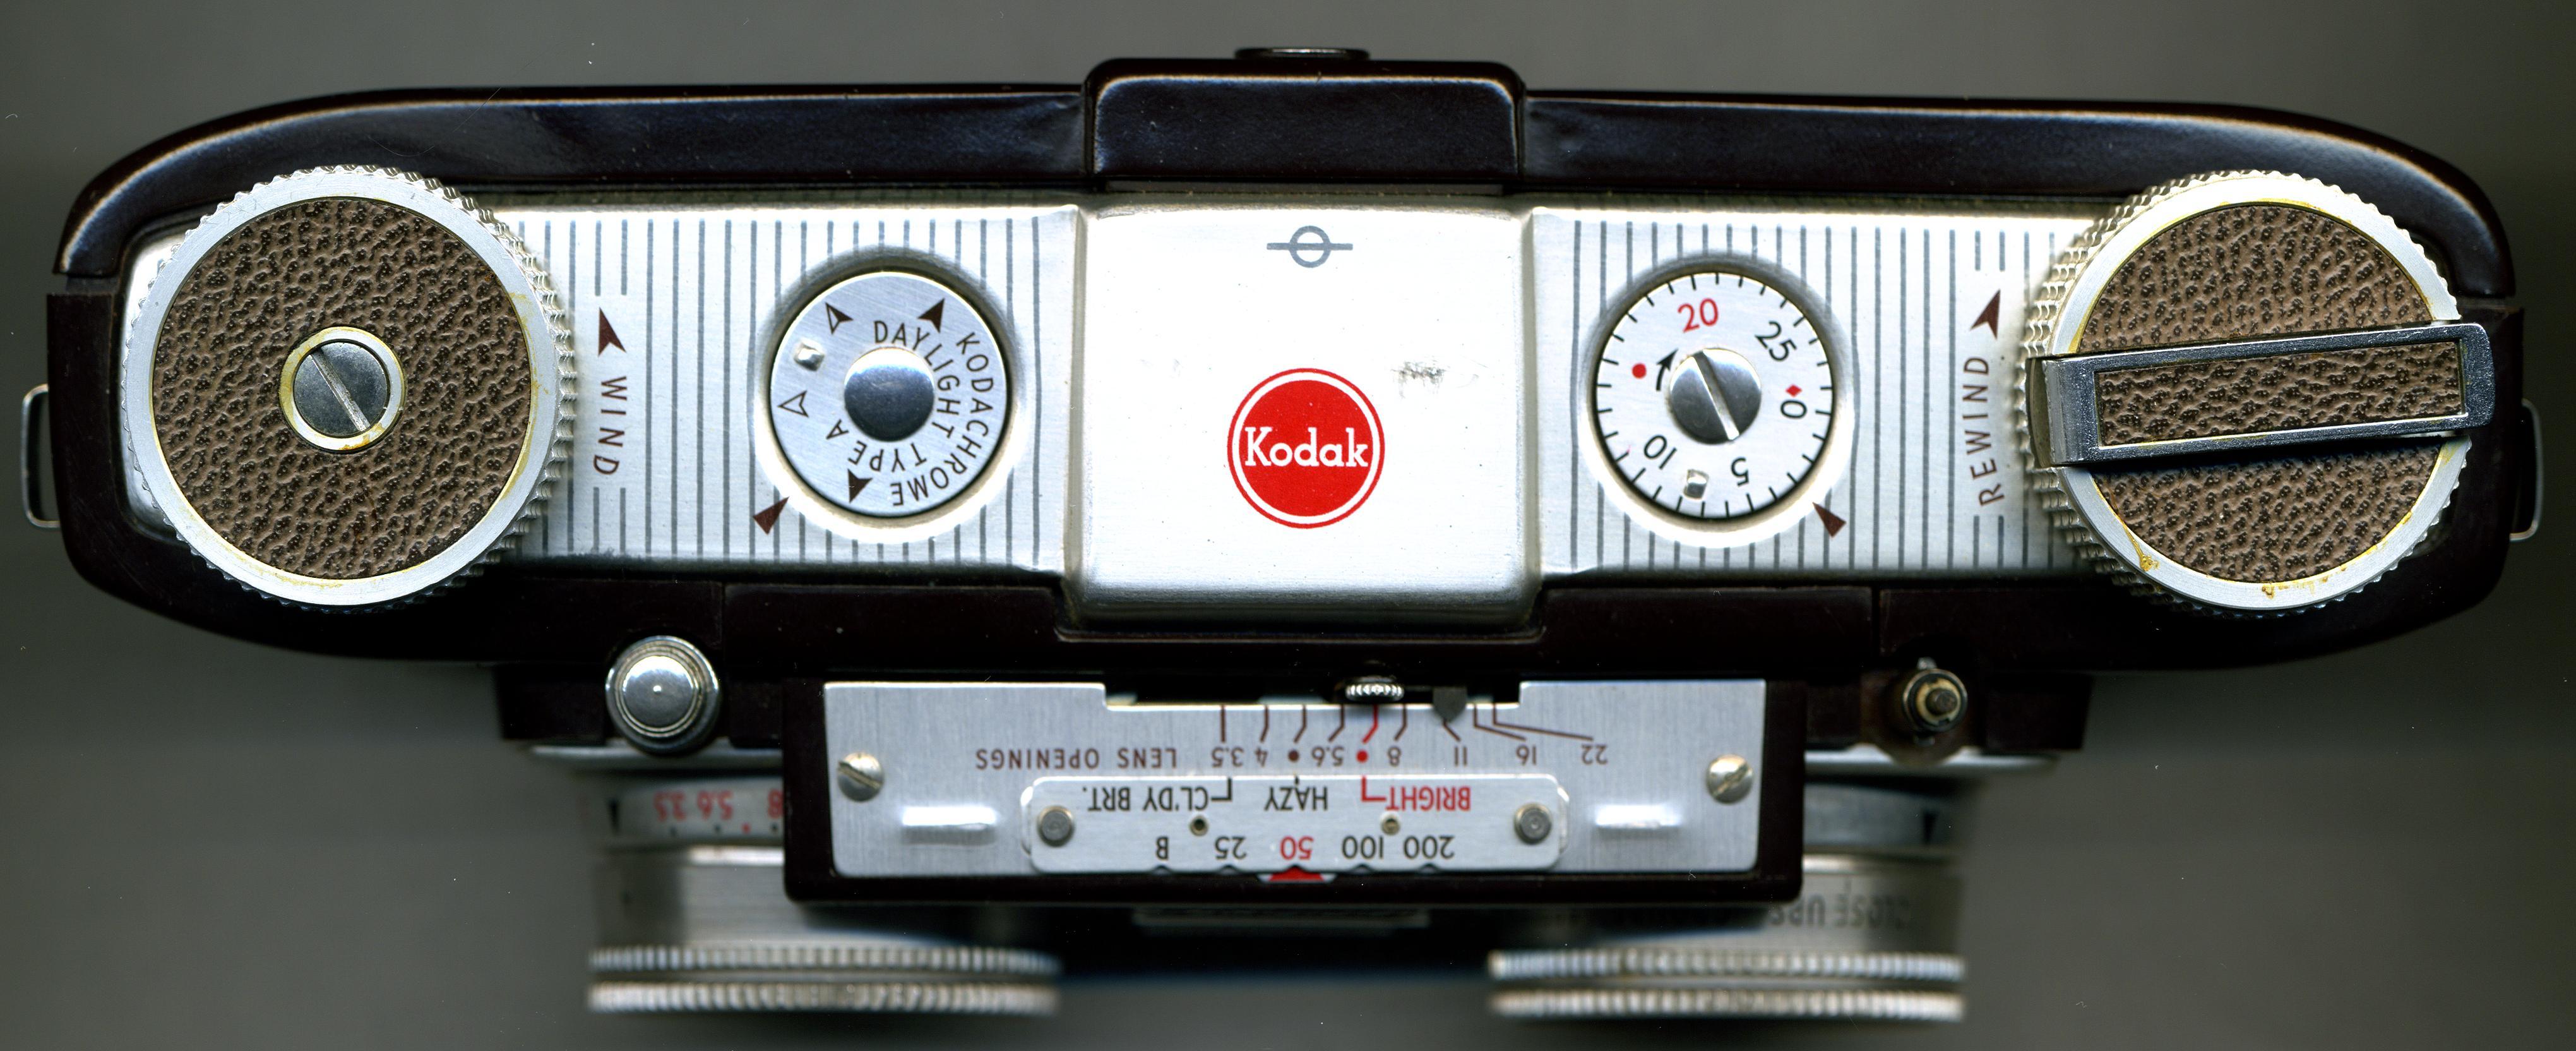 Kodak Stereo Camera Wikiwand